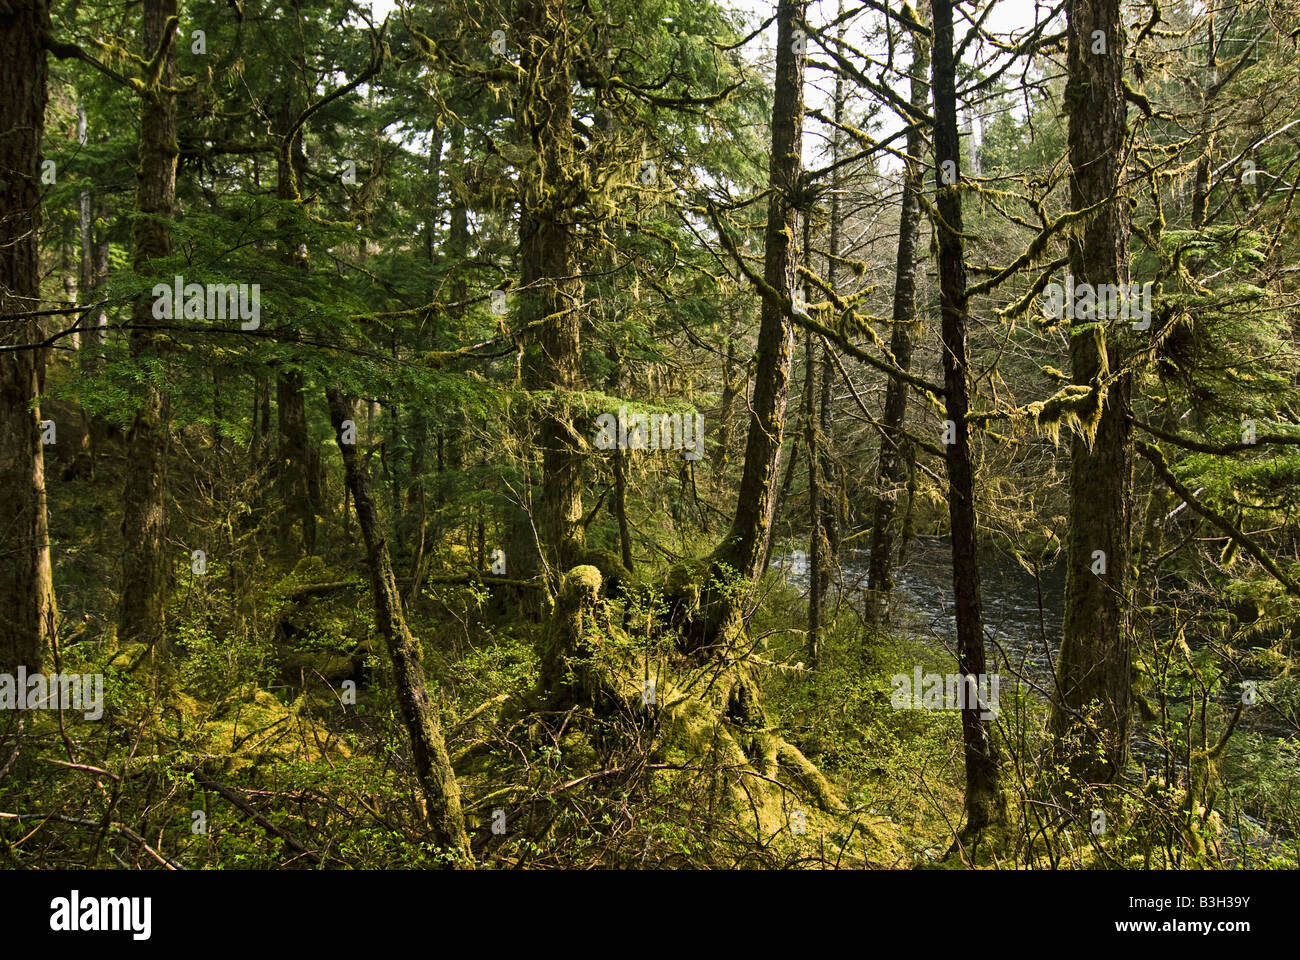 Alaska, Ketchikan, Tongass National Forest - Stock Image